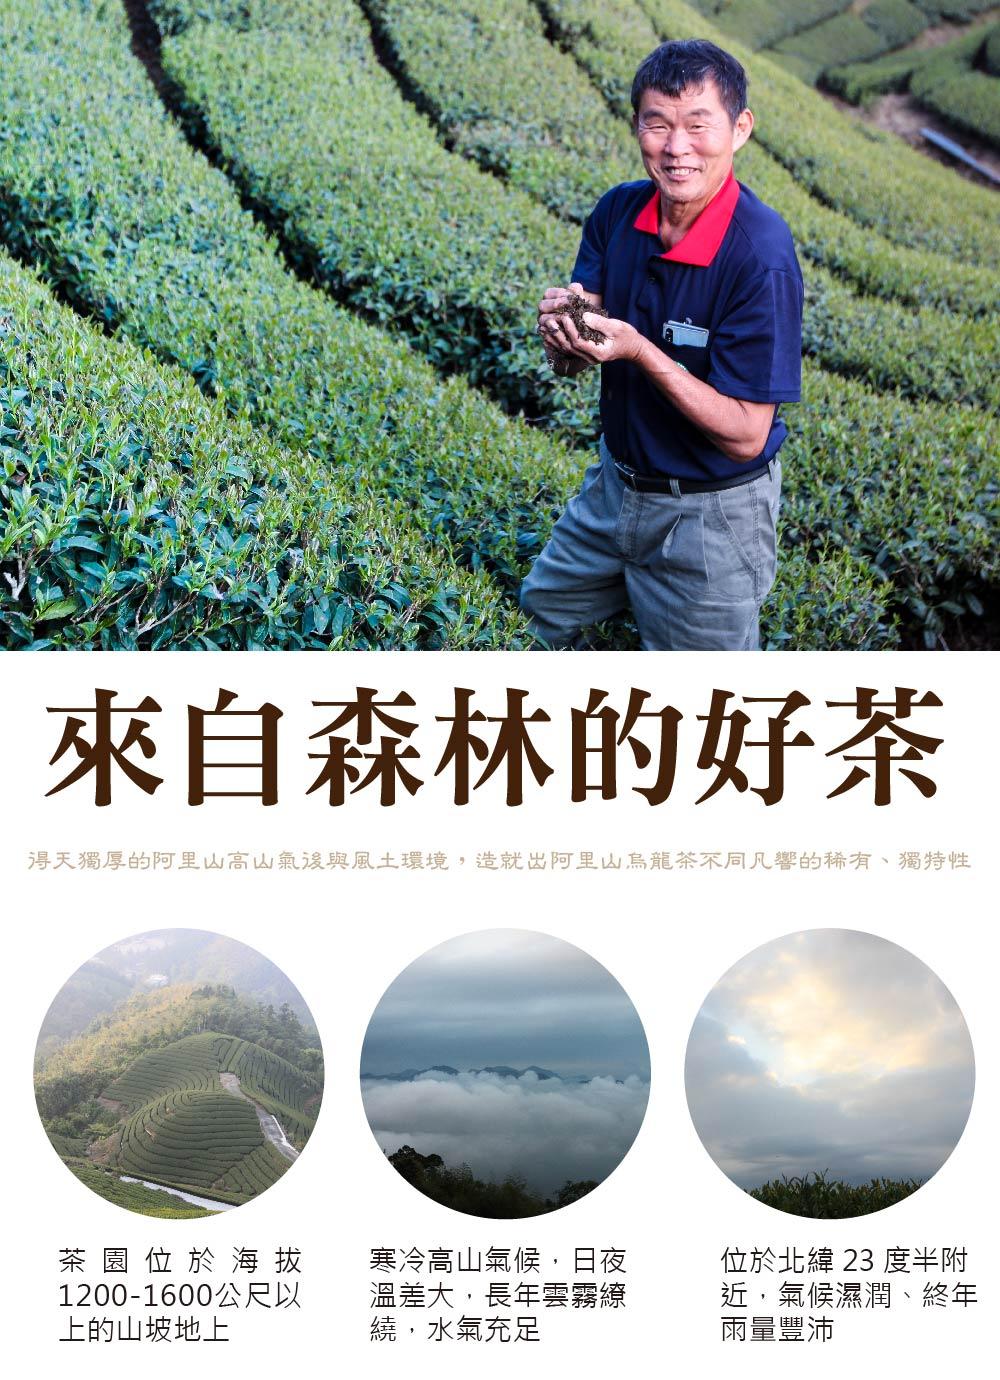 阿里山茶園得天獨厚的阿里山高山氣後與風土環境,造就出好喝的阿里山烏龍茶